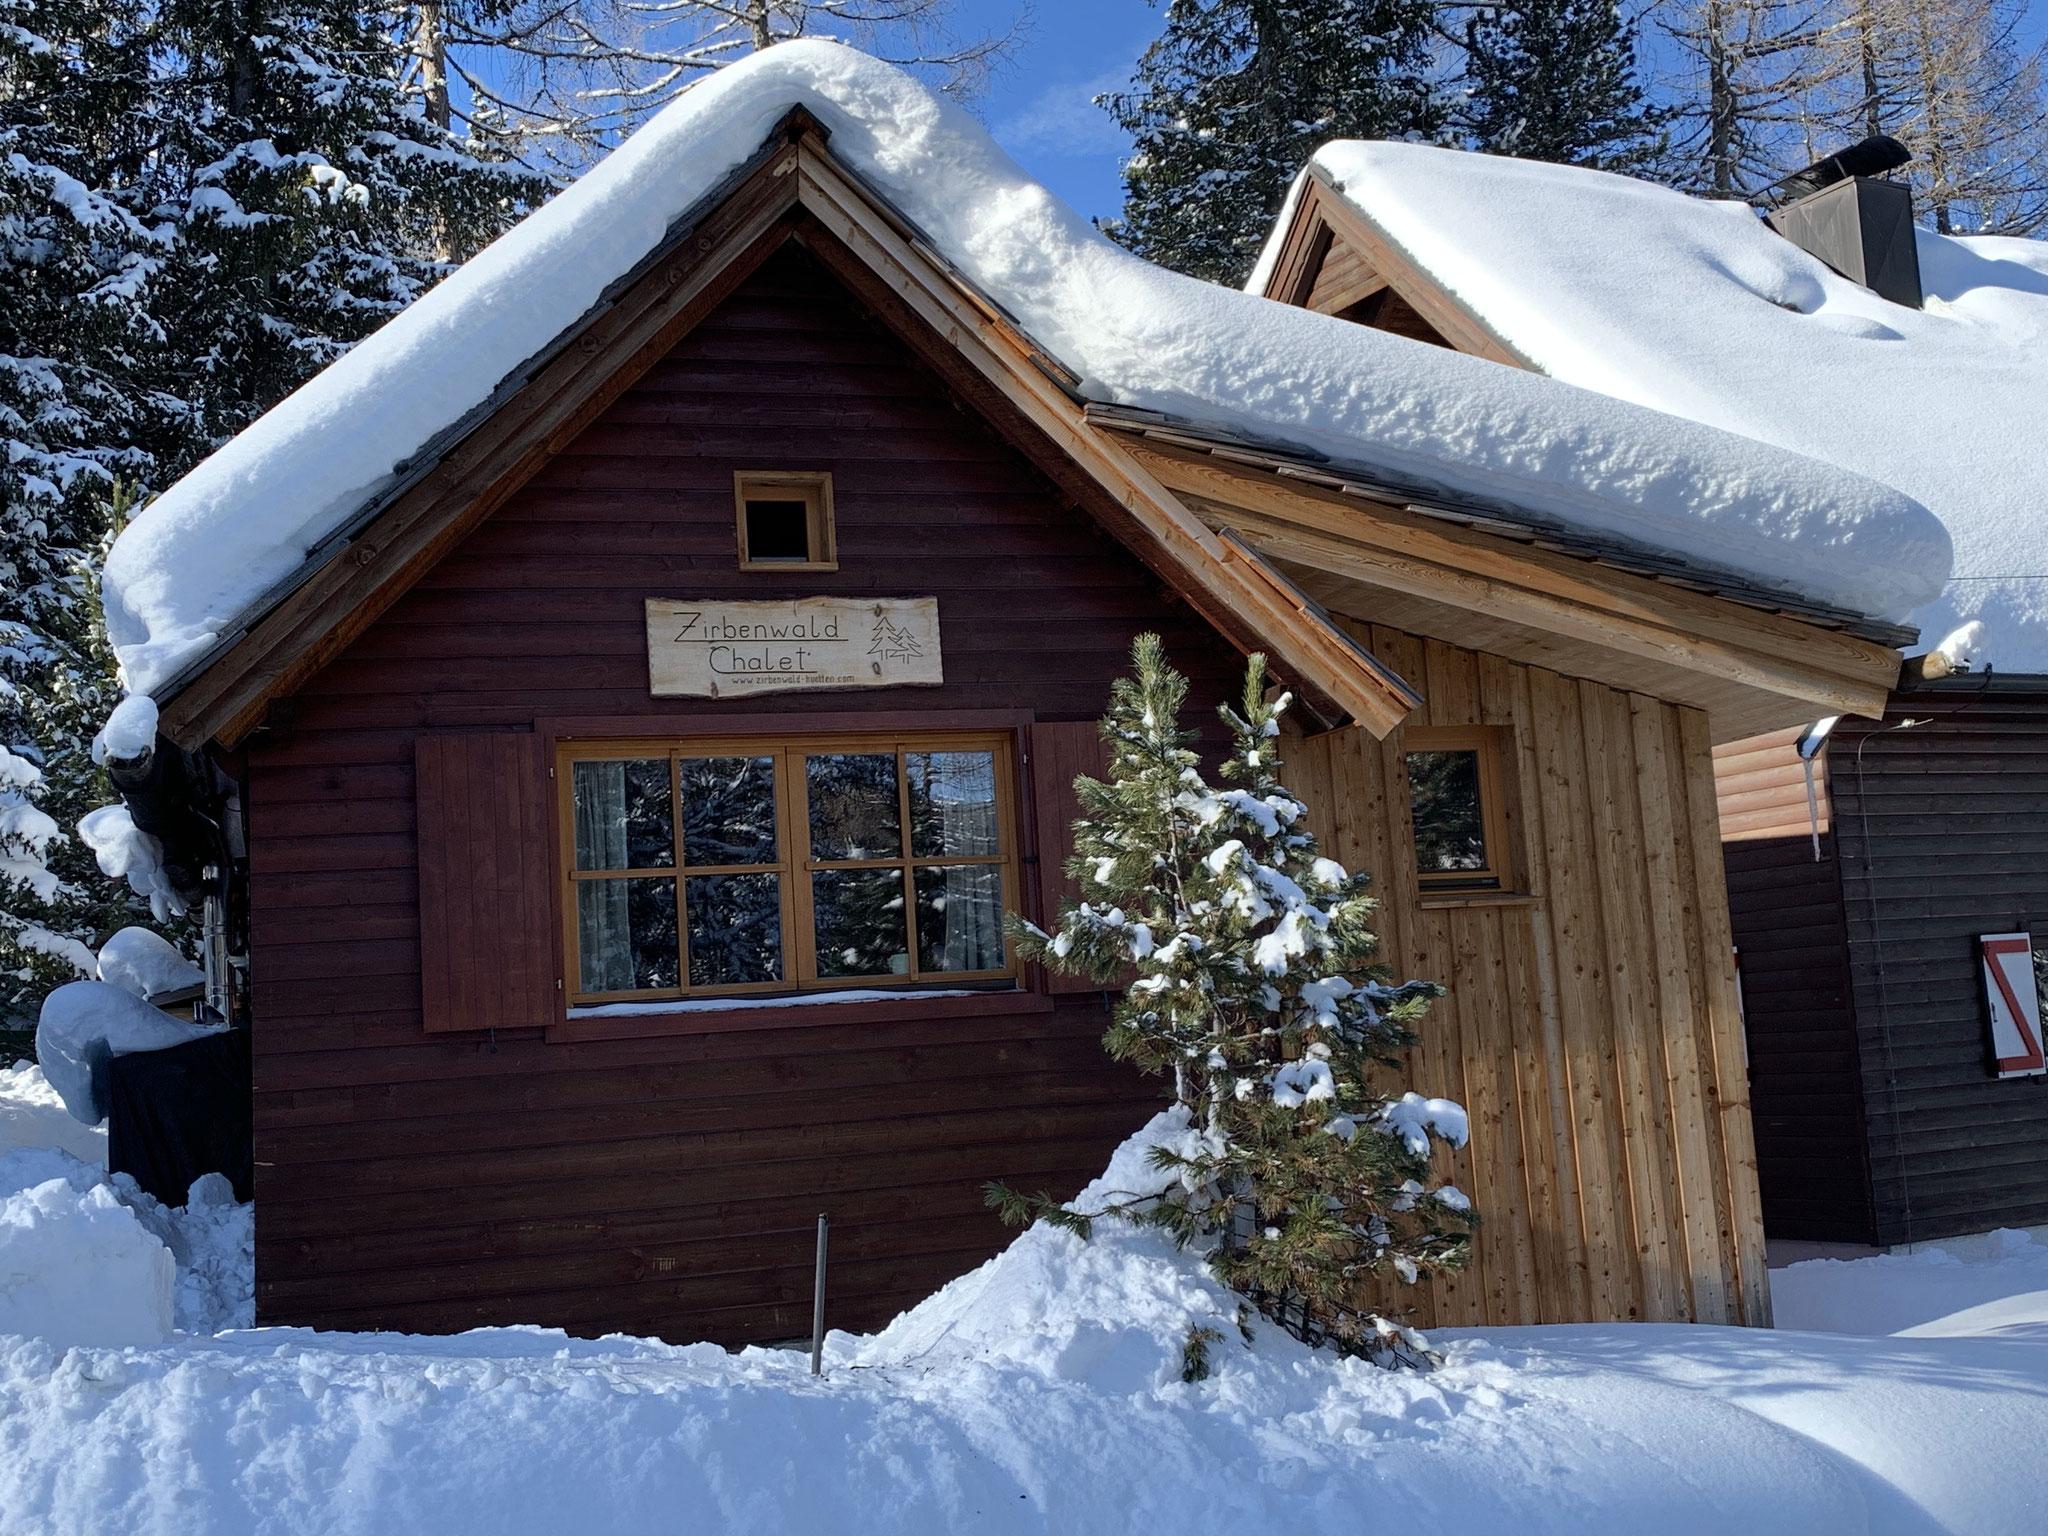 Zirbenwald-Chalet Turracher Höhe - Winter Südansicht